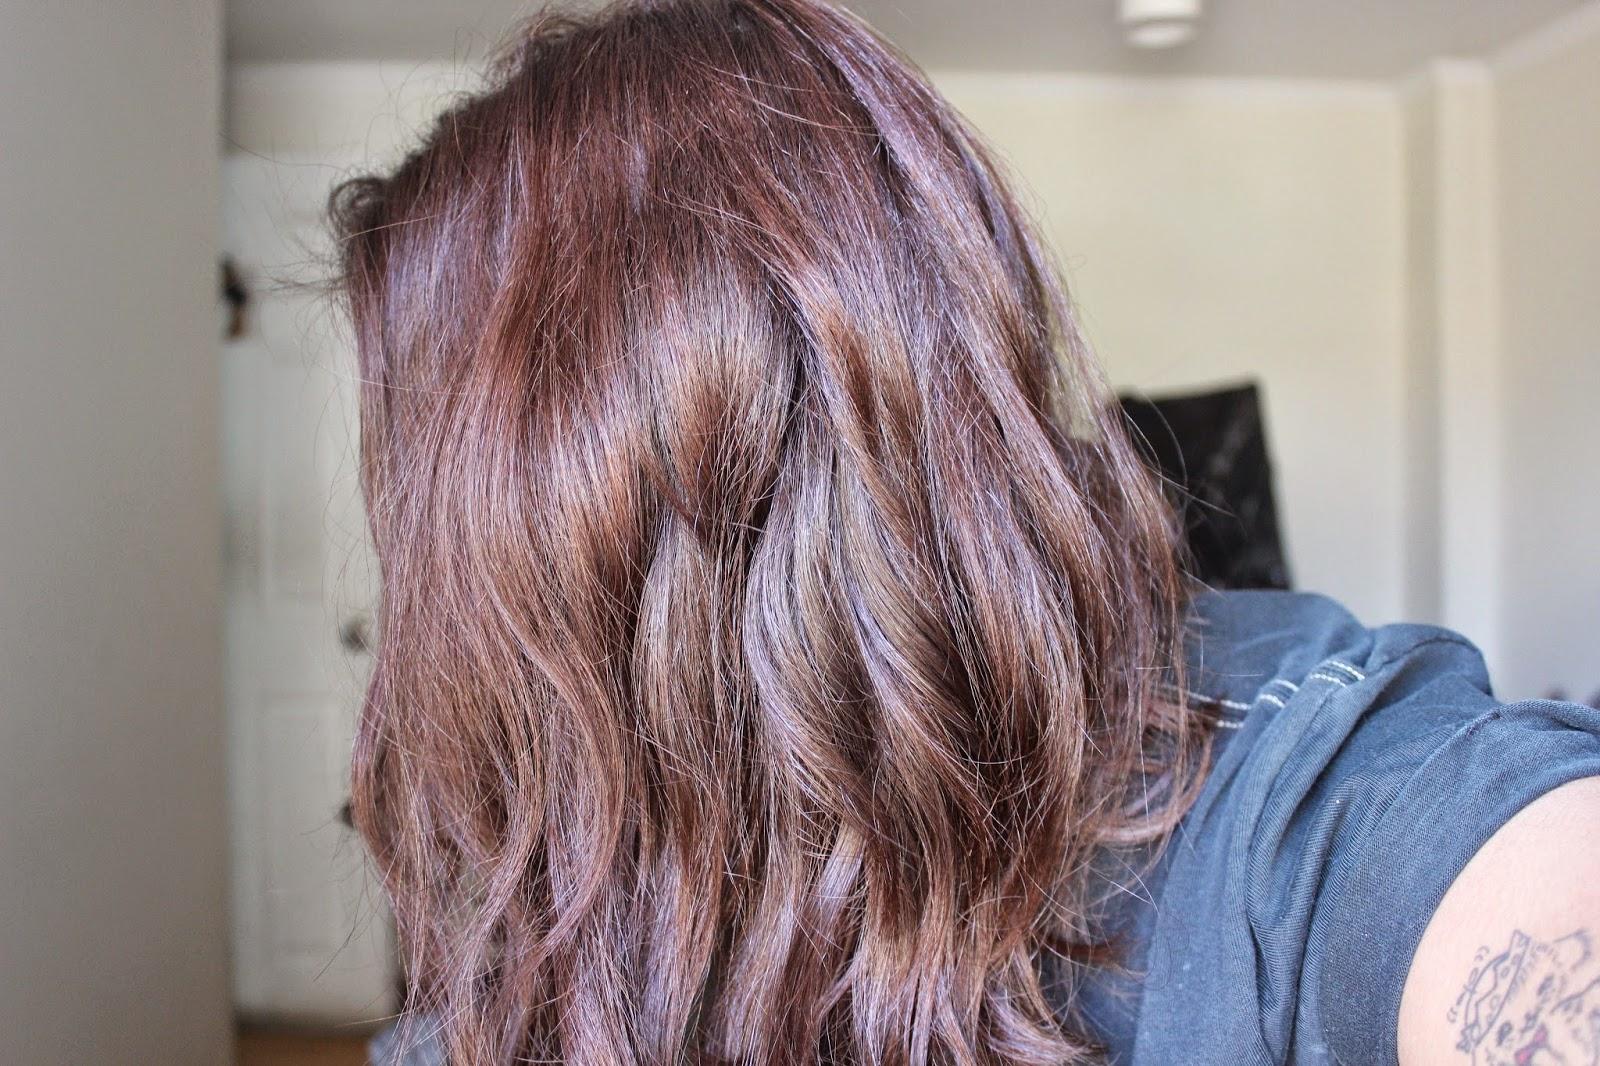 Los medios para osvetleniya el cabello de la casa